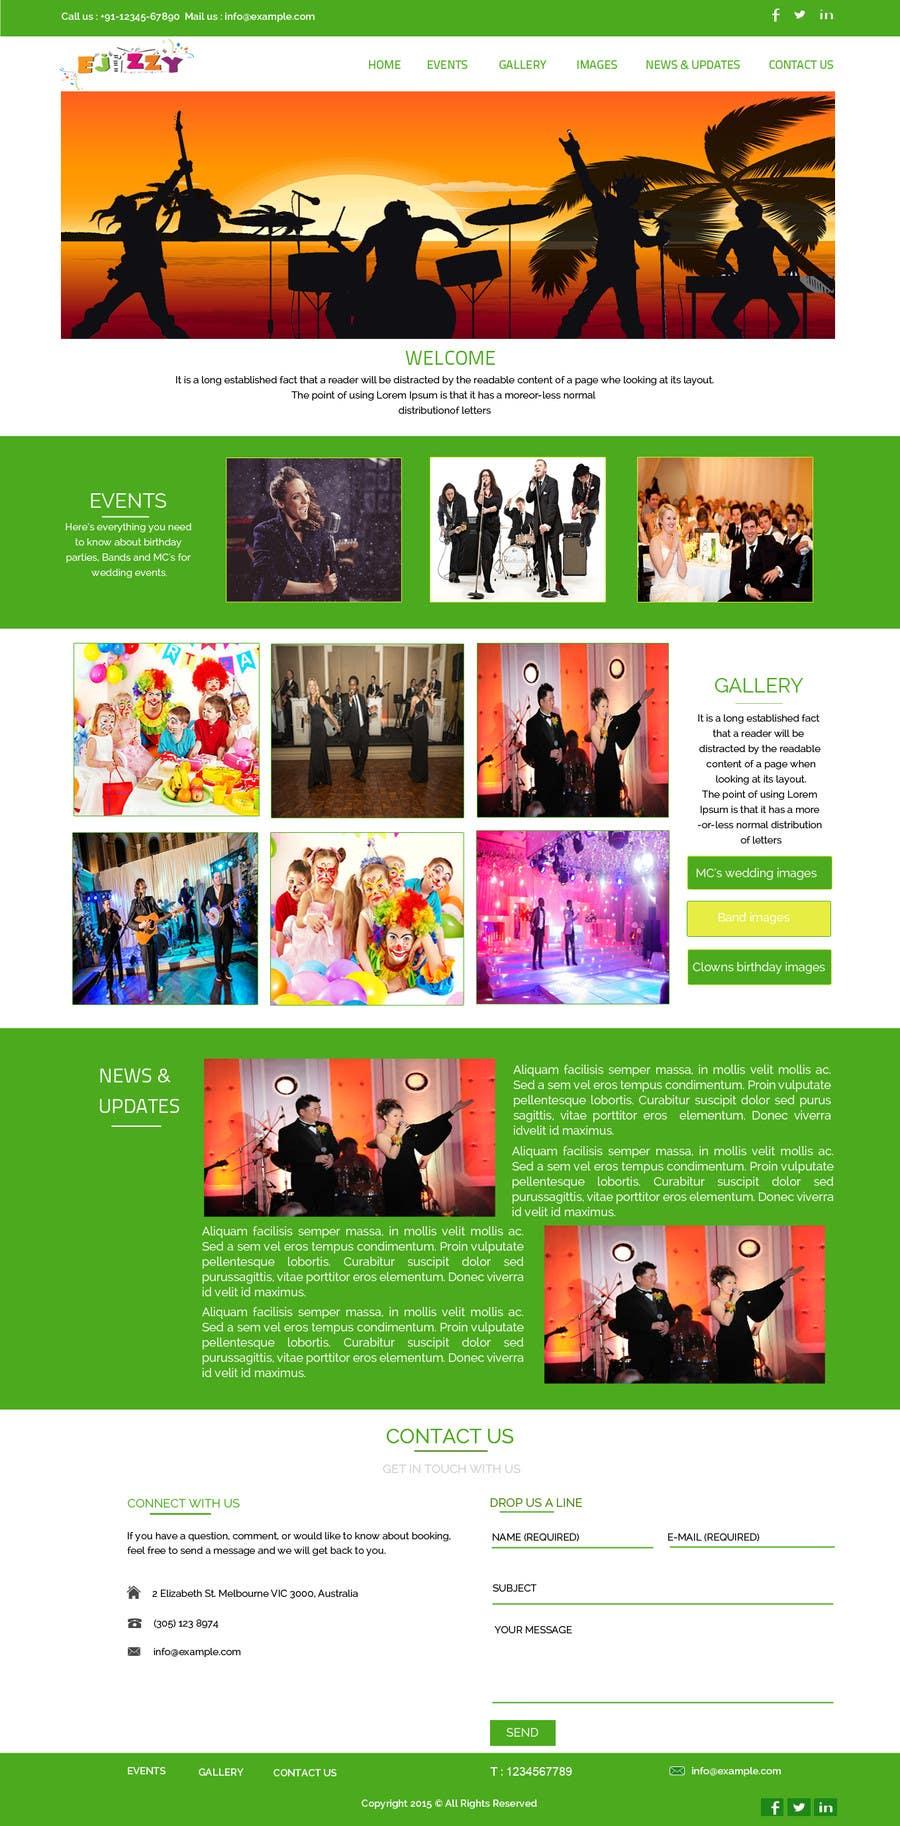 Konkurrenceindlæg #11 for Design a Website Mockup for Entertainment Industry